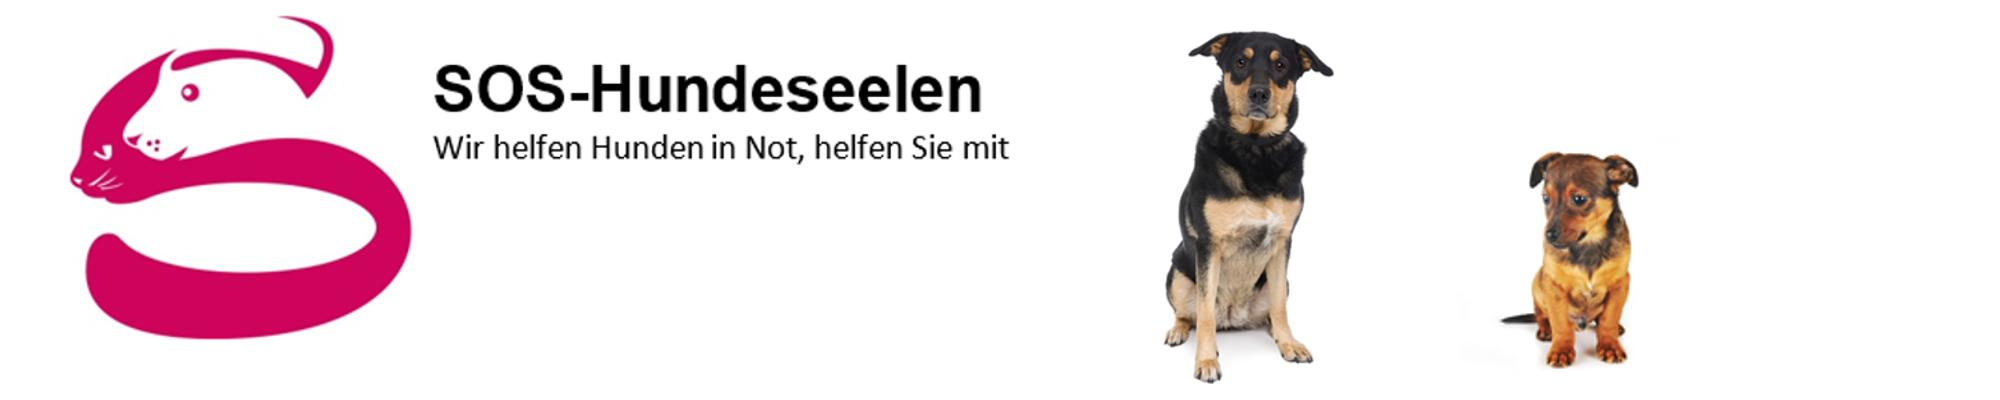 SOS-Hundeseelen